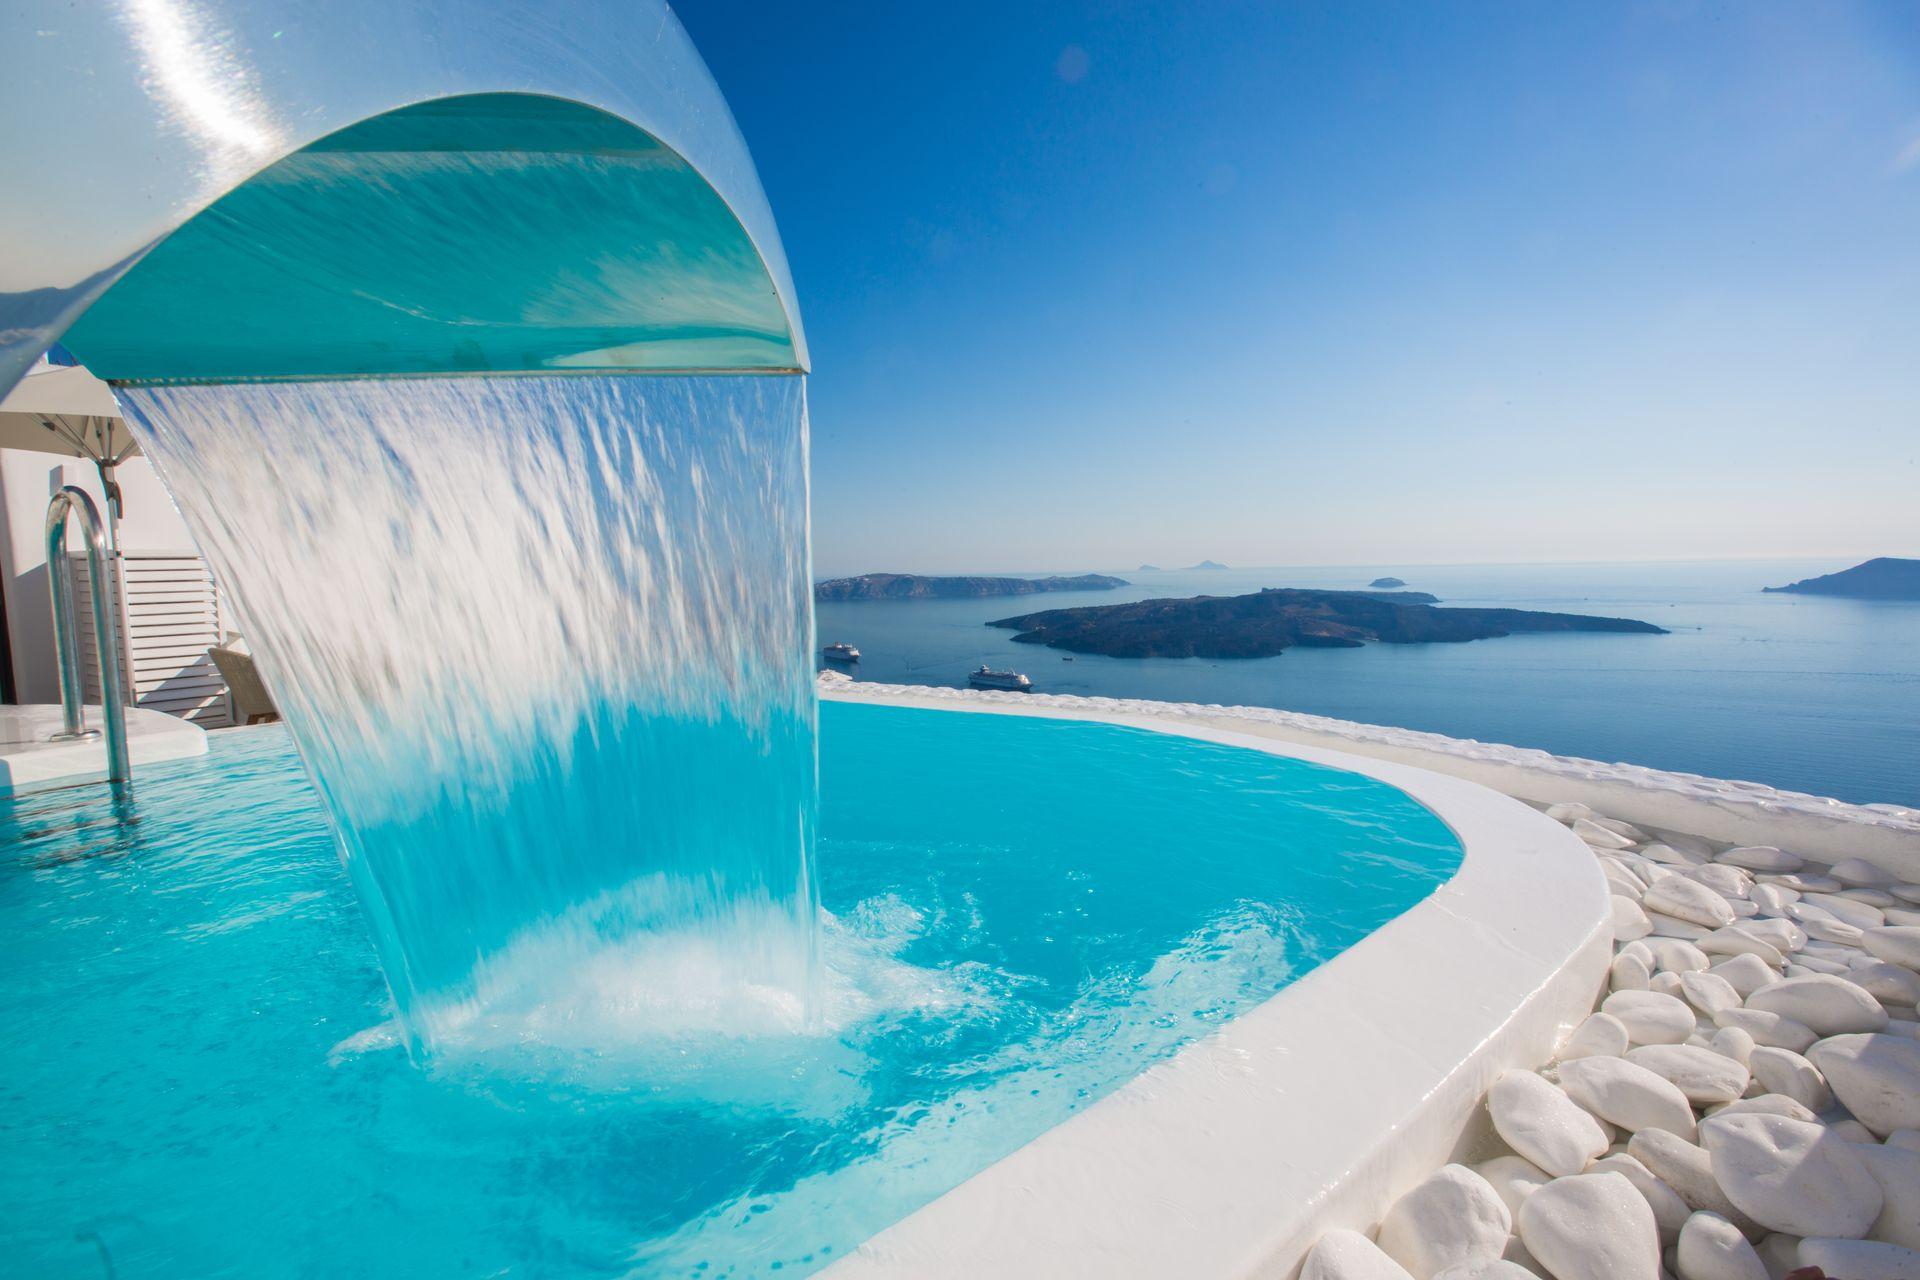 Chic Hotel Santorini - Σαντορίνη ? 2 Ημέρες (1 Διανυκτέρευση) ? 2 άτομα ? Πρωινό ? 01/05/2020 έως 14/05/2020 ? Free Wi-Fi